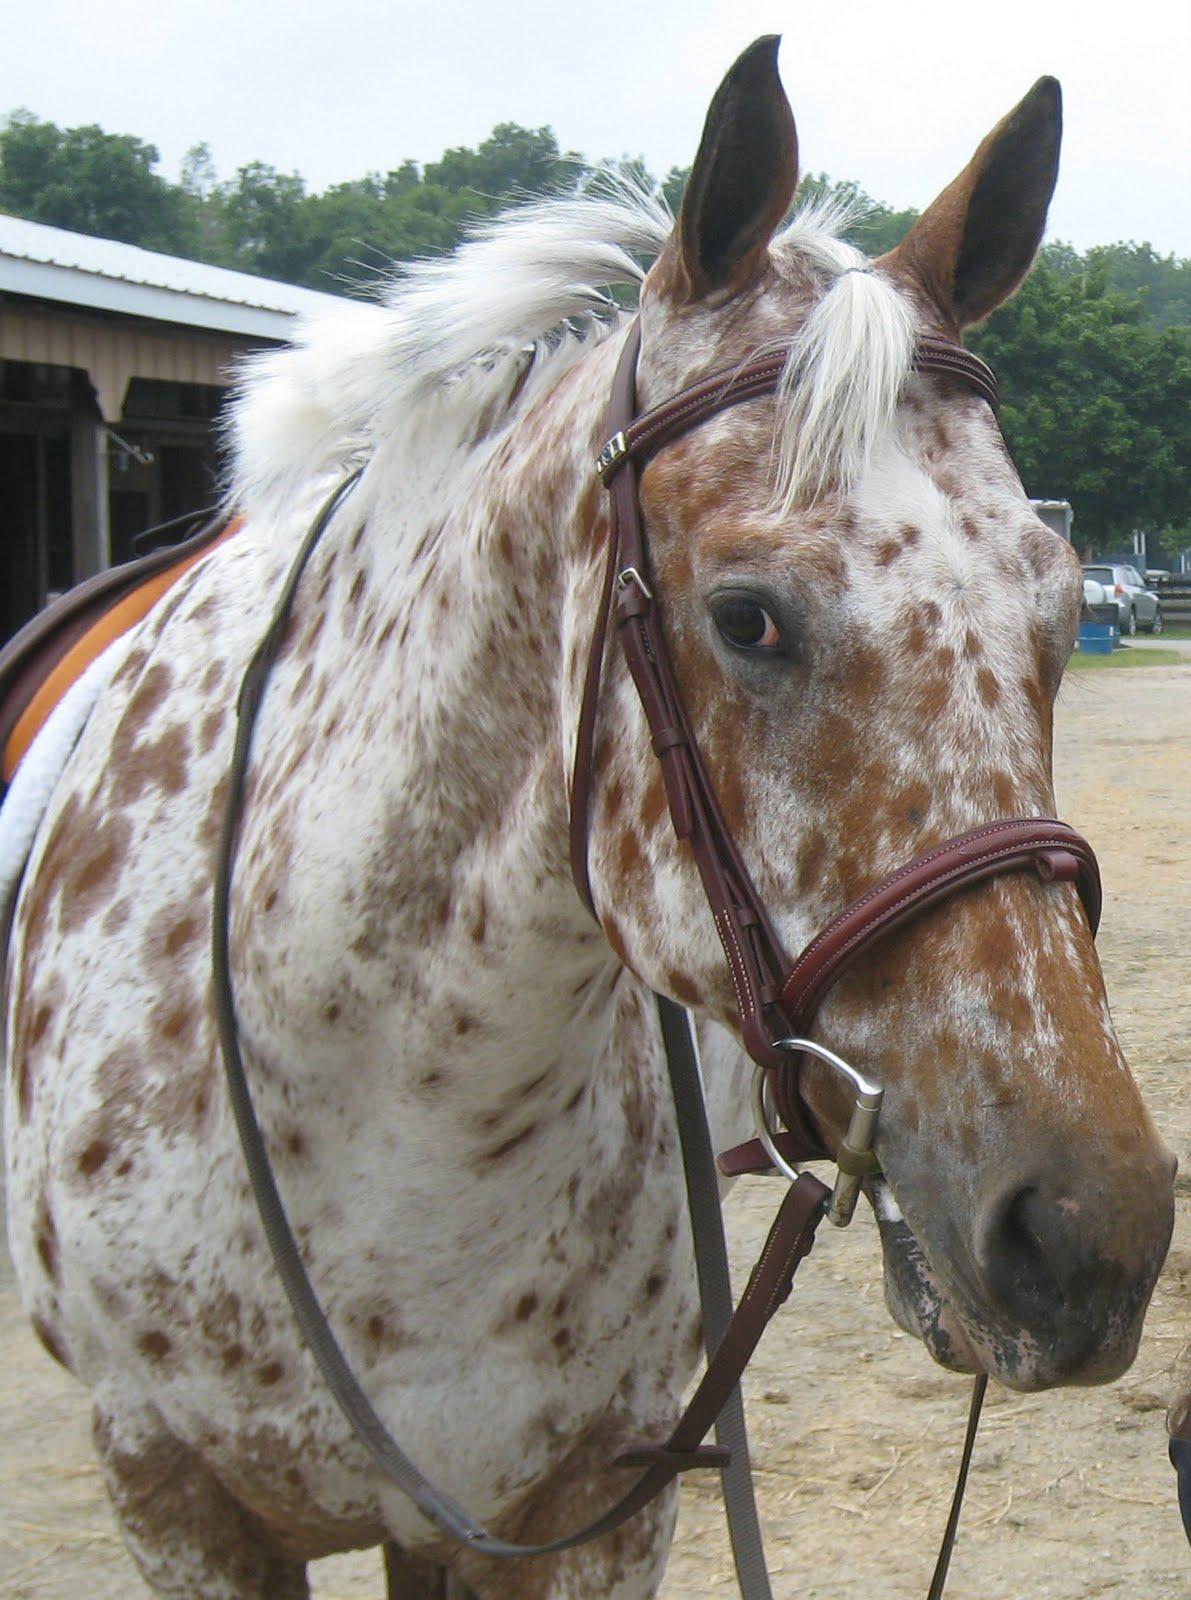 Friesian Horse Wallpapers - Wallpaper Cave  |Friesian Horses Running